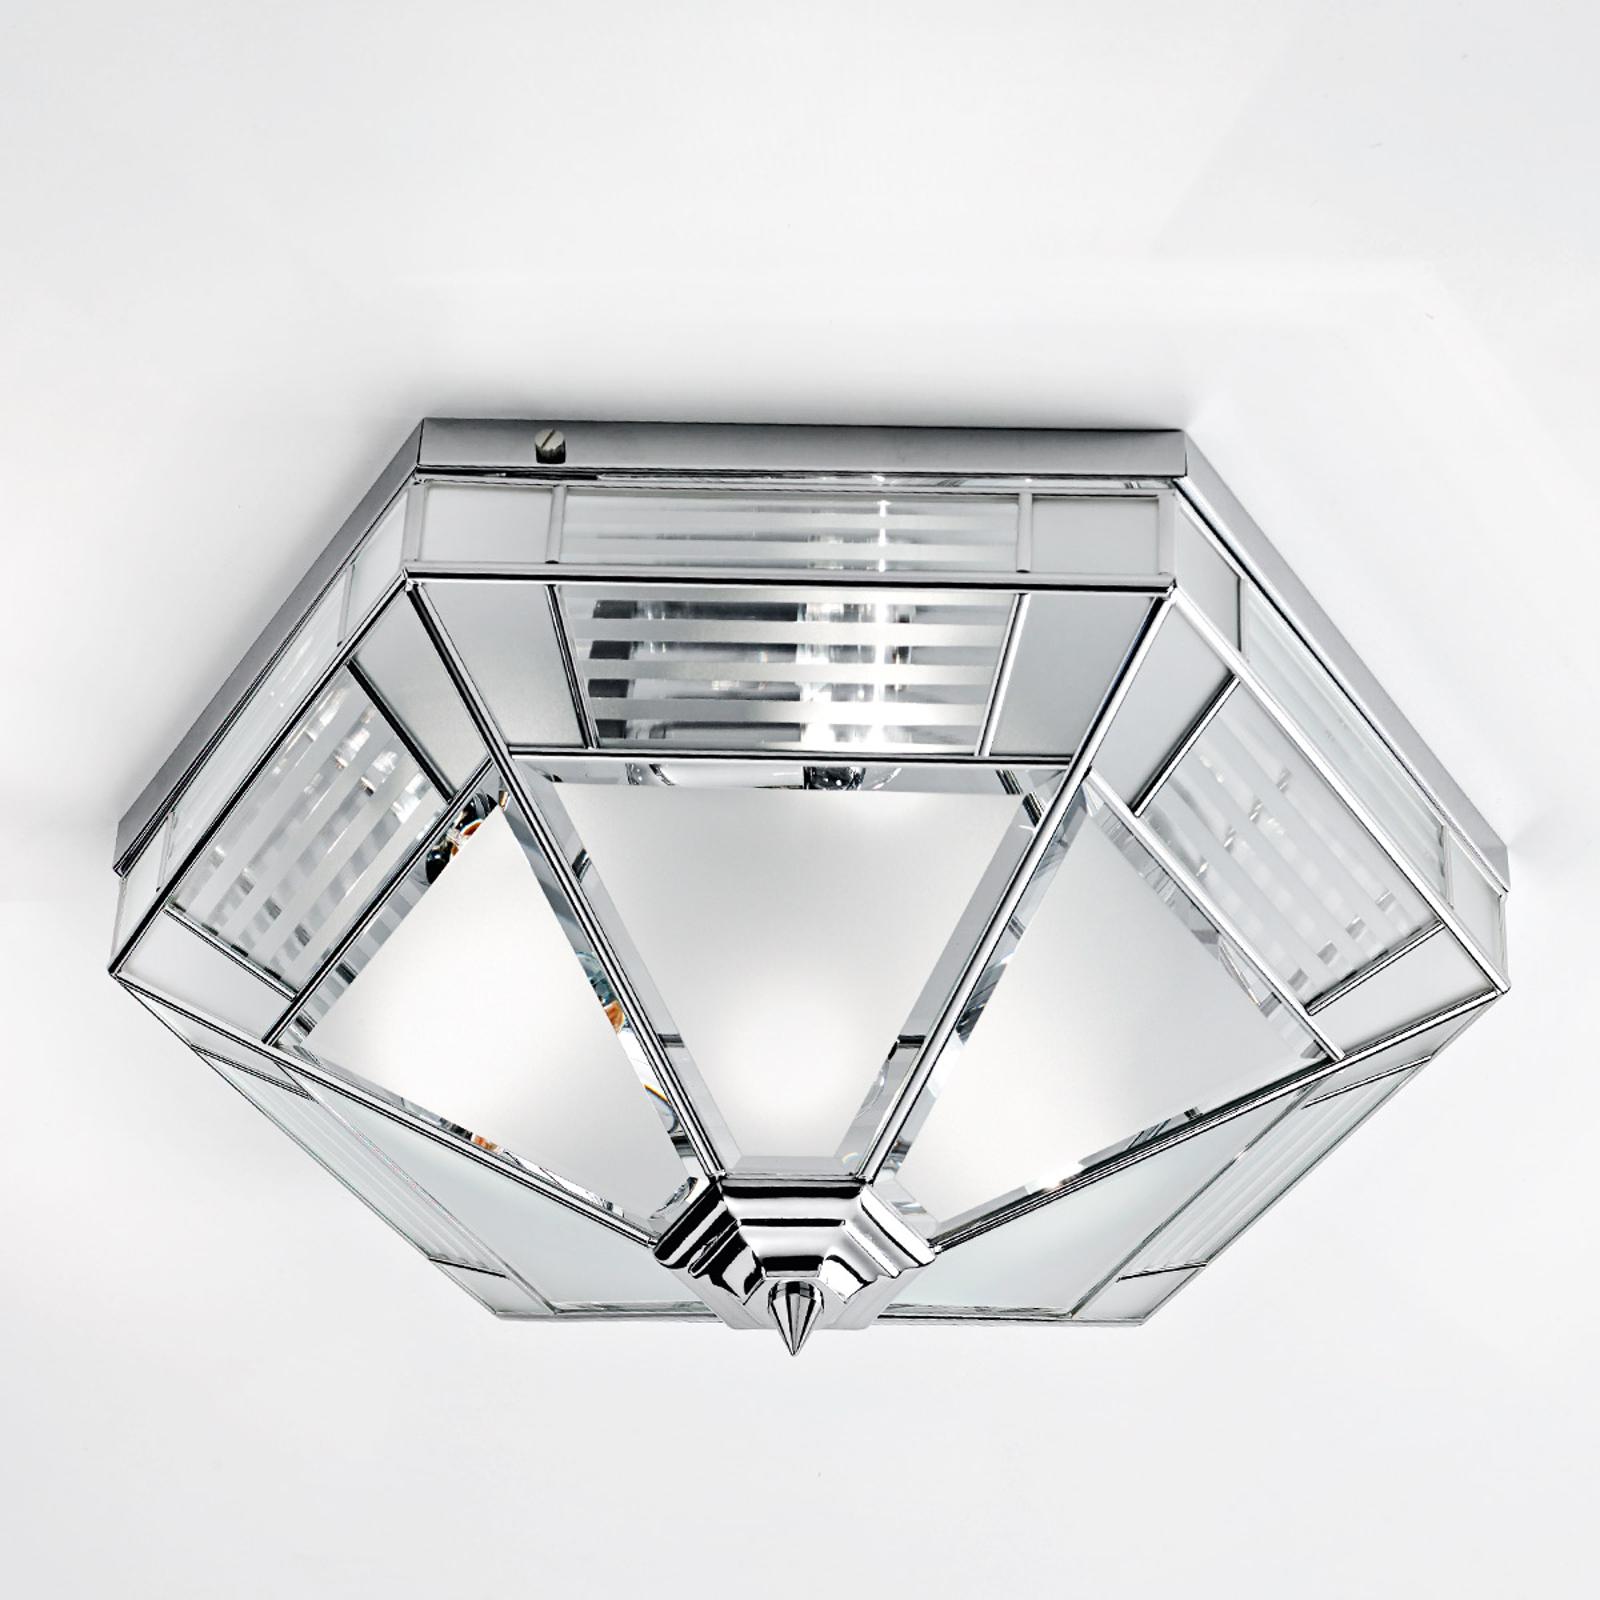 Giana sekskantet loftslampe, krom